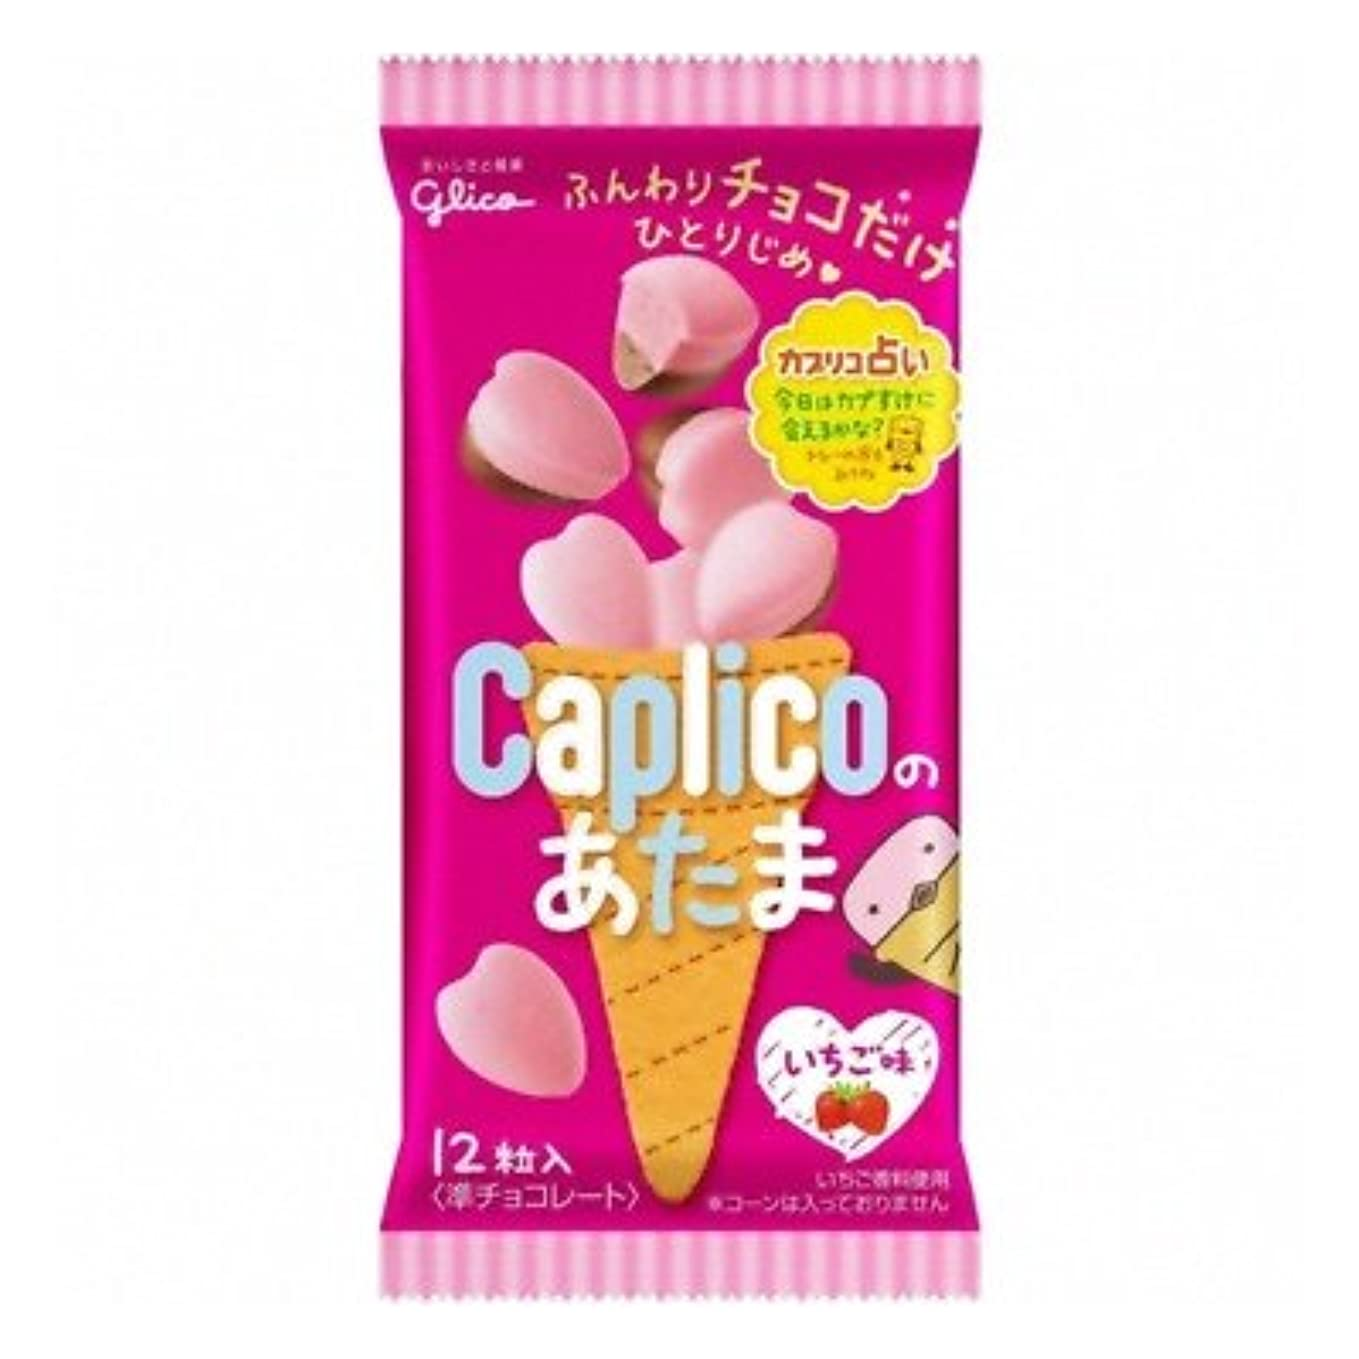 討論反対したアルファベットグリコ カプリコのあたま いちご味 30g 120コ入り